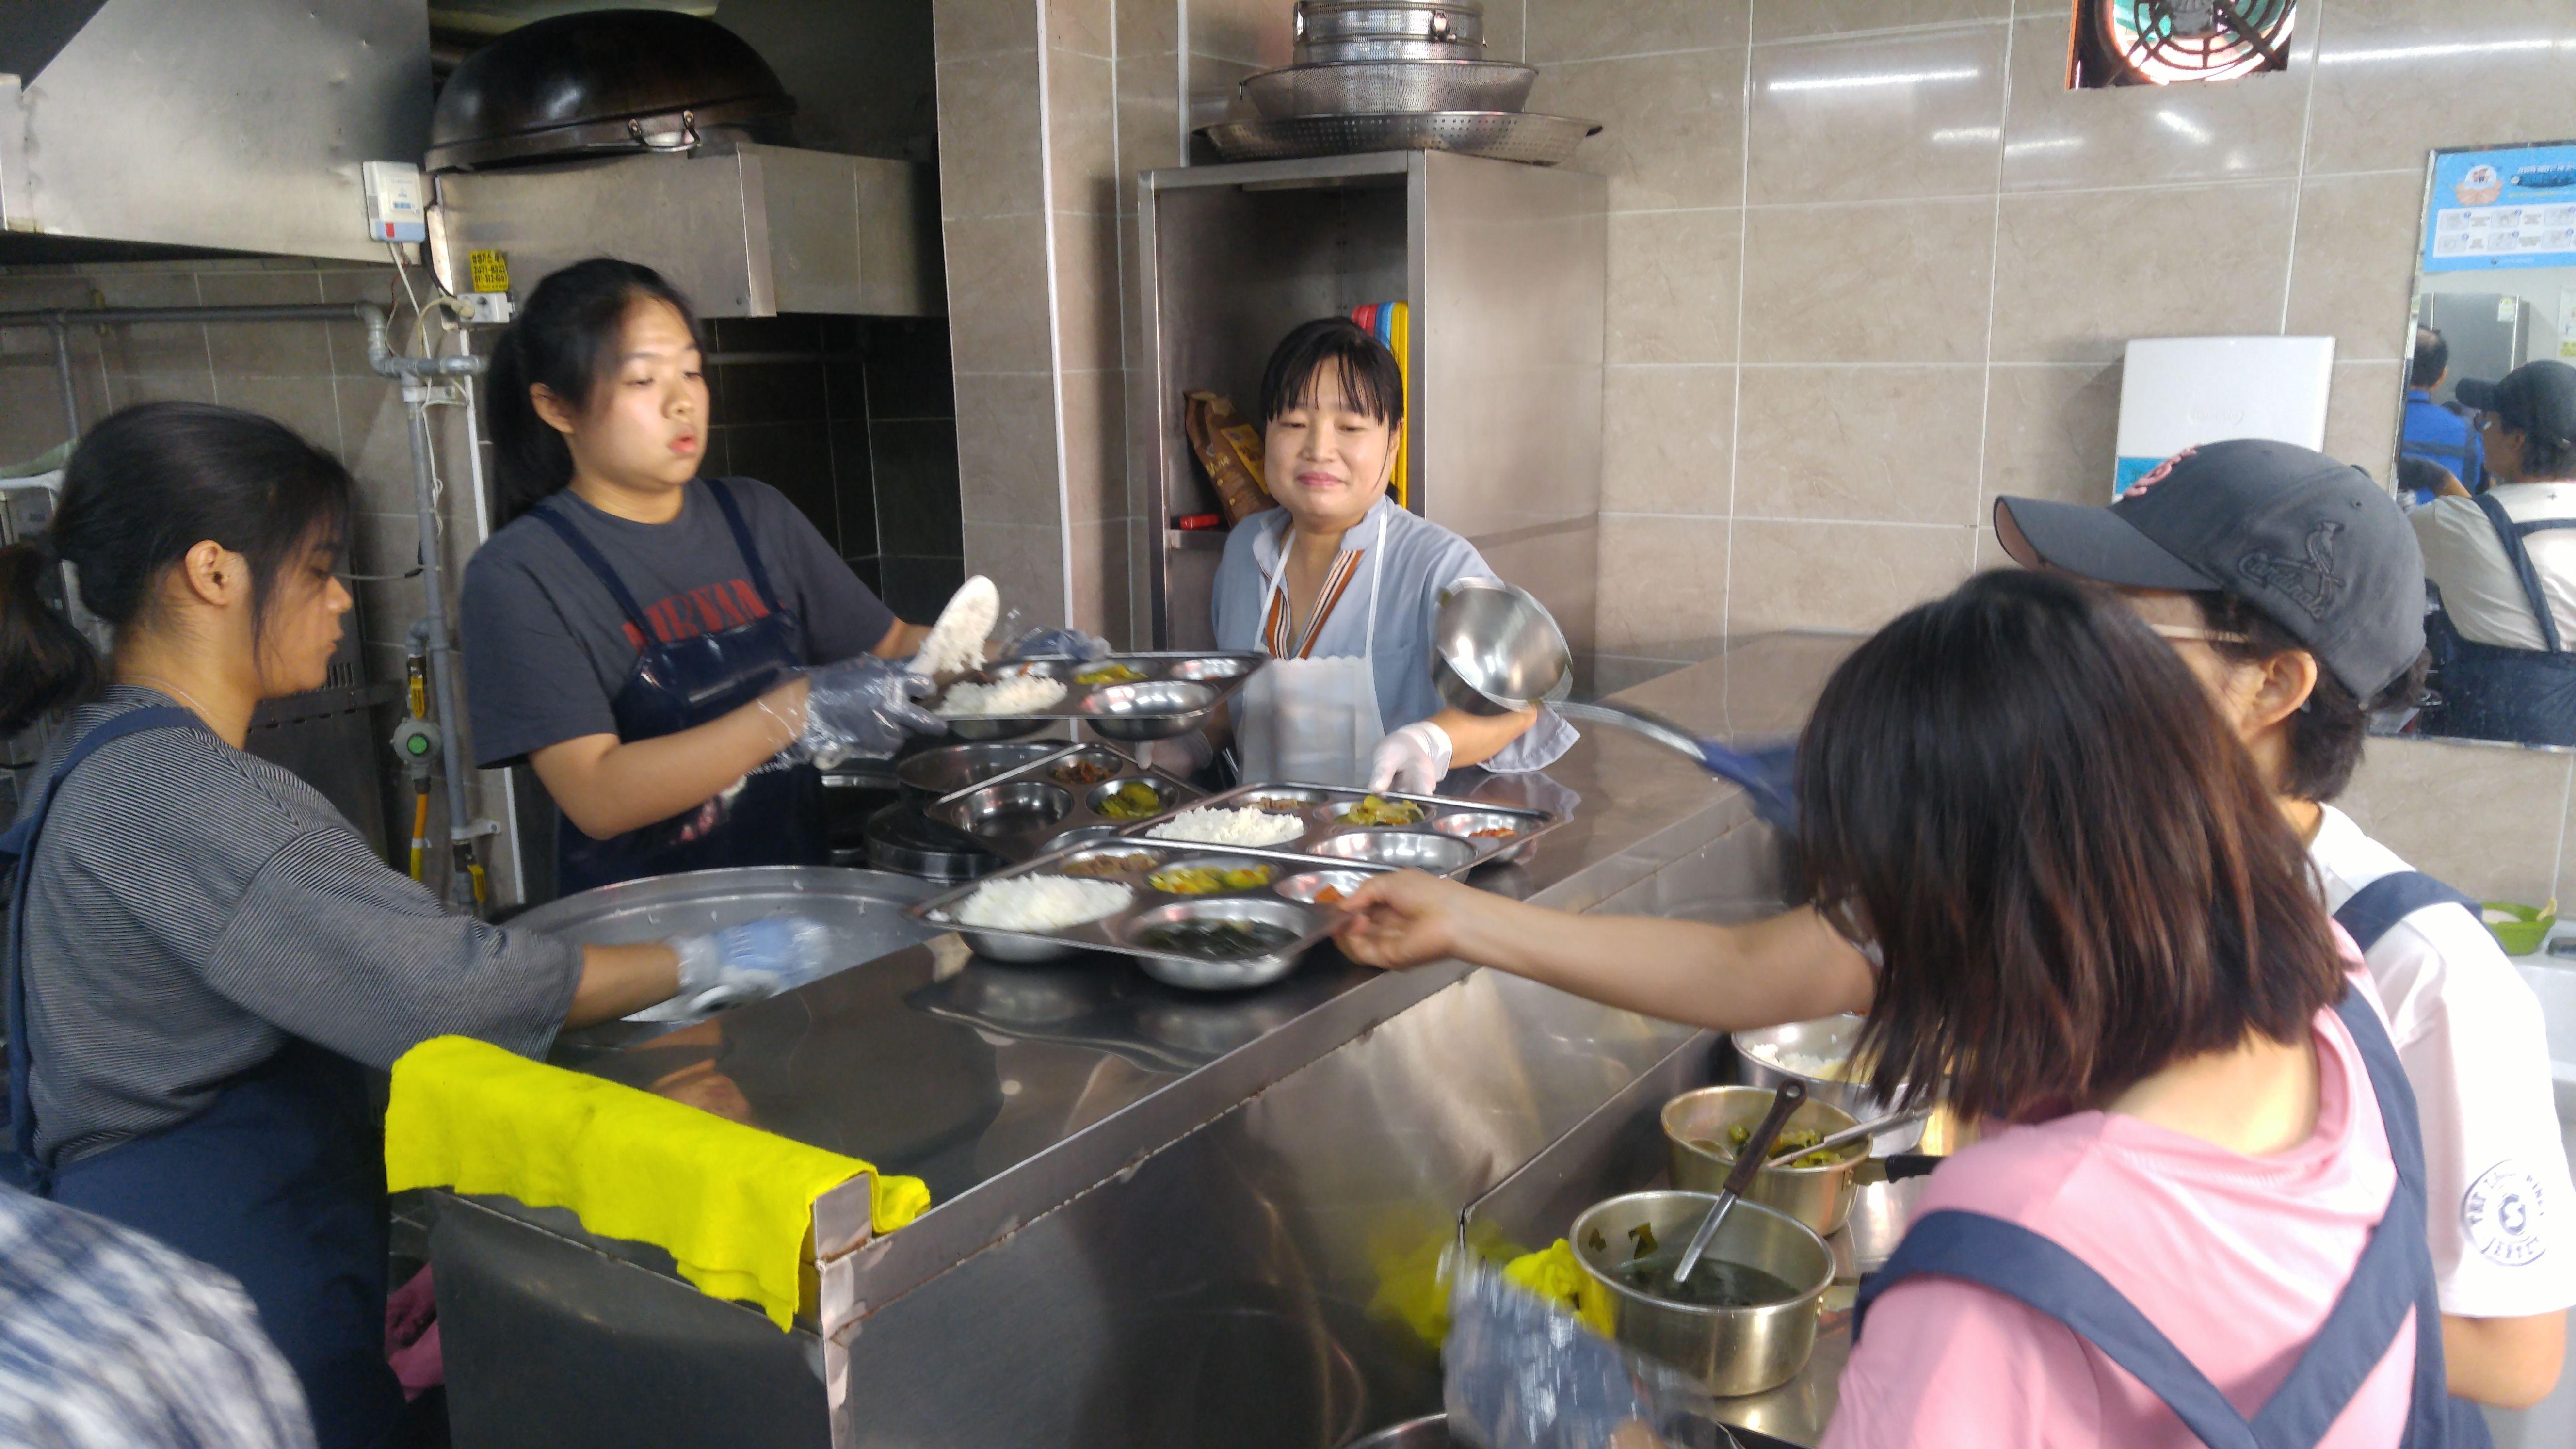 Photos - Korea International Volunteers (Seoul) | Meetup